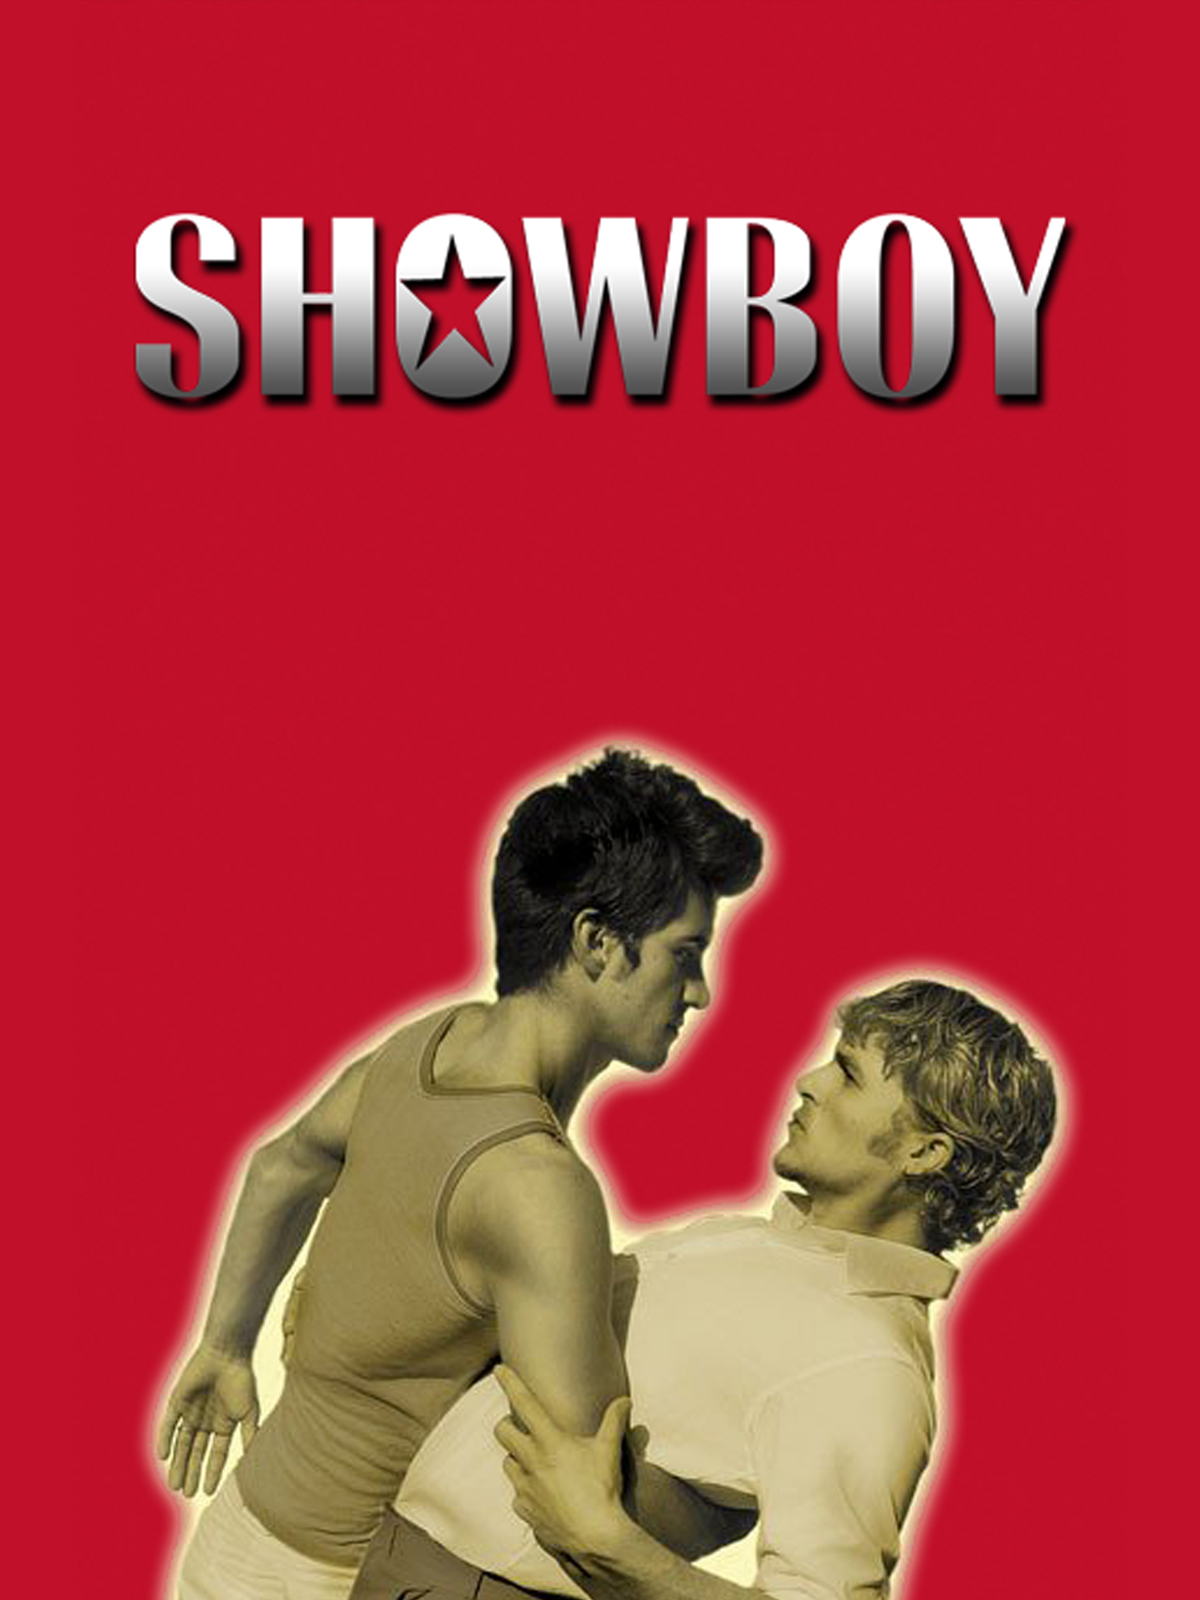 Here-Showboy-Full-Image-en-US.jpg